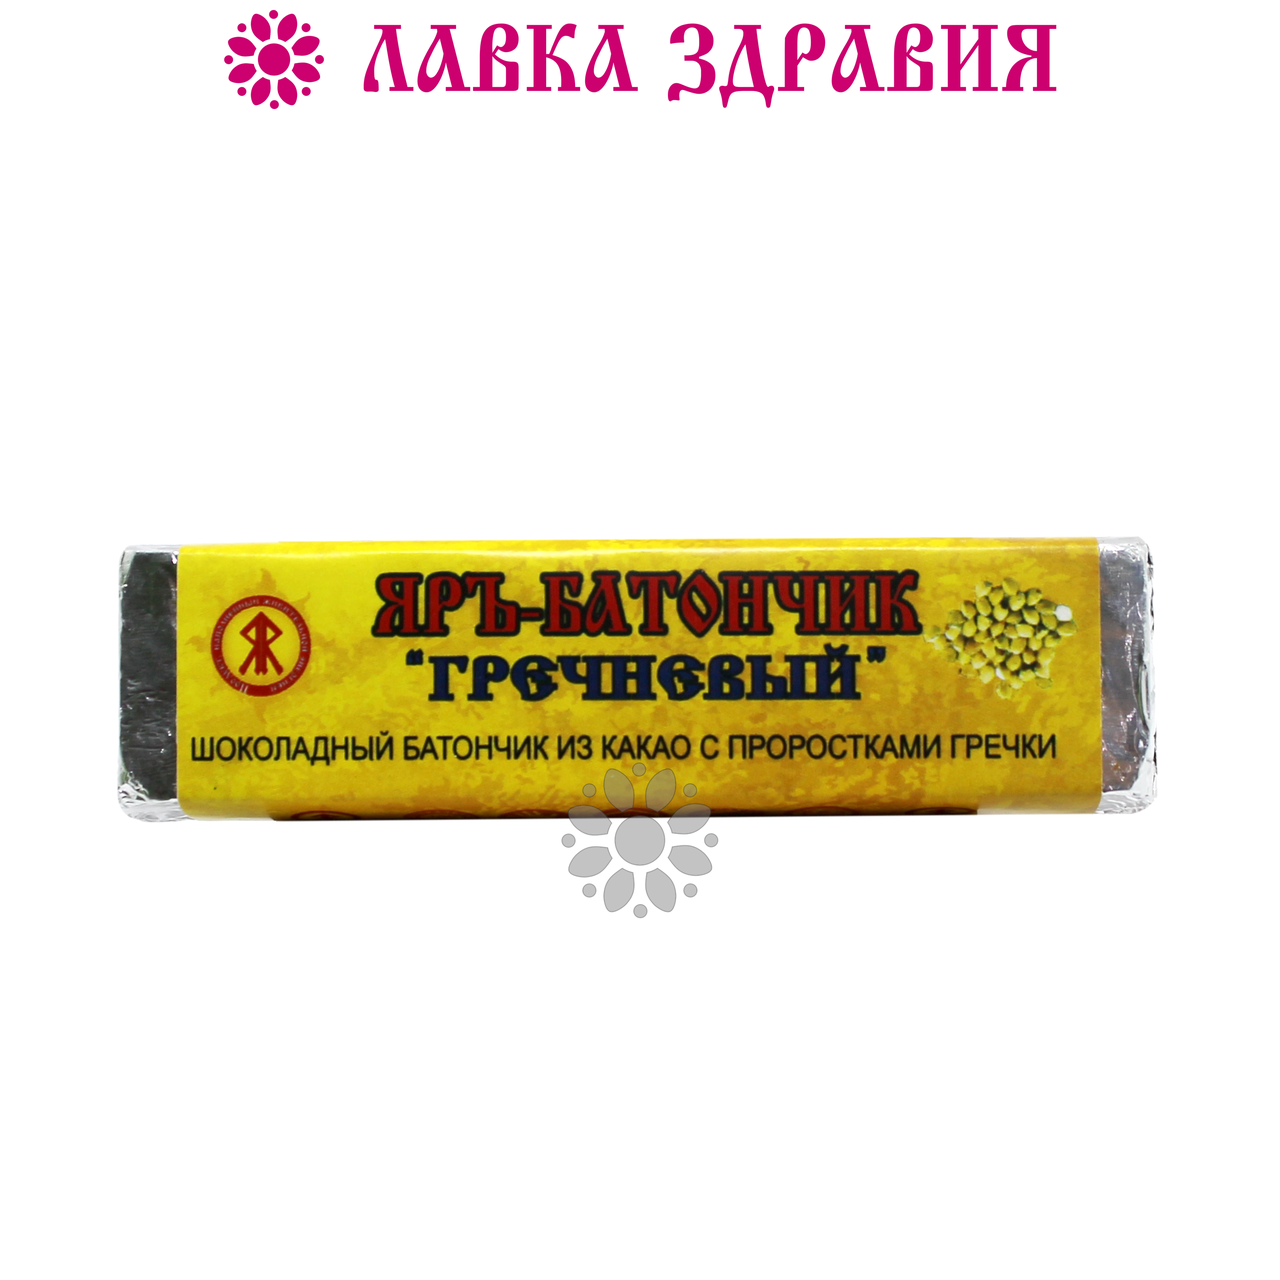 """Яръ-батончик из какао """"Гречневый"""", 60 г"""